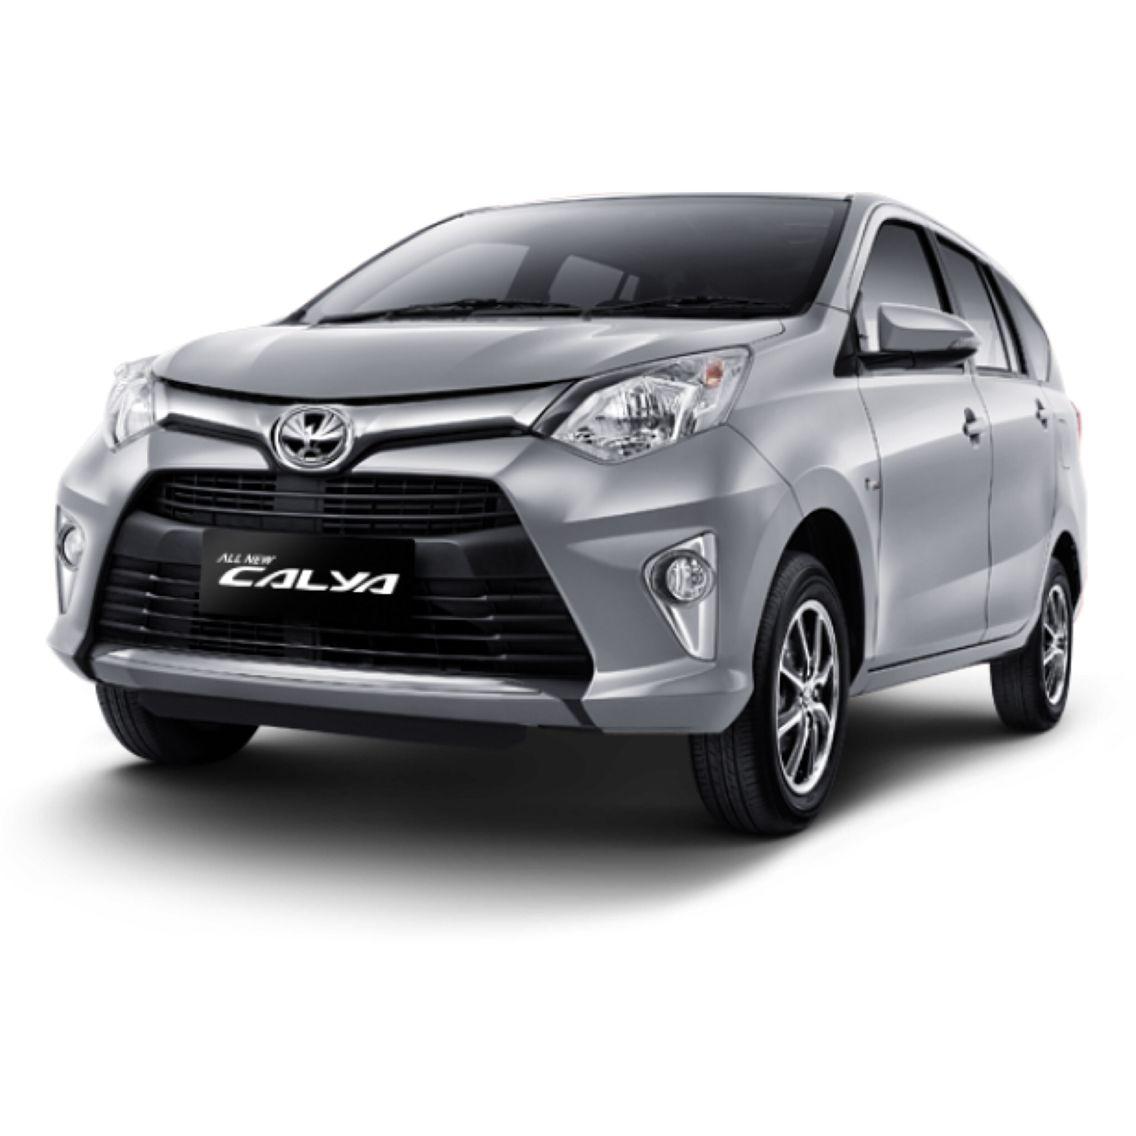 Kelebihan Kekurangan Mobil Toyota Calya Tangguh